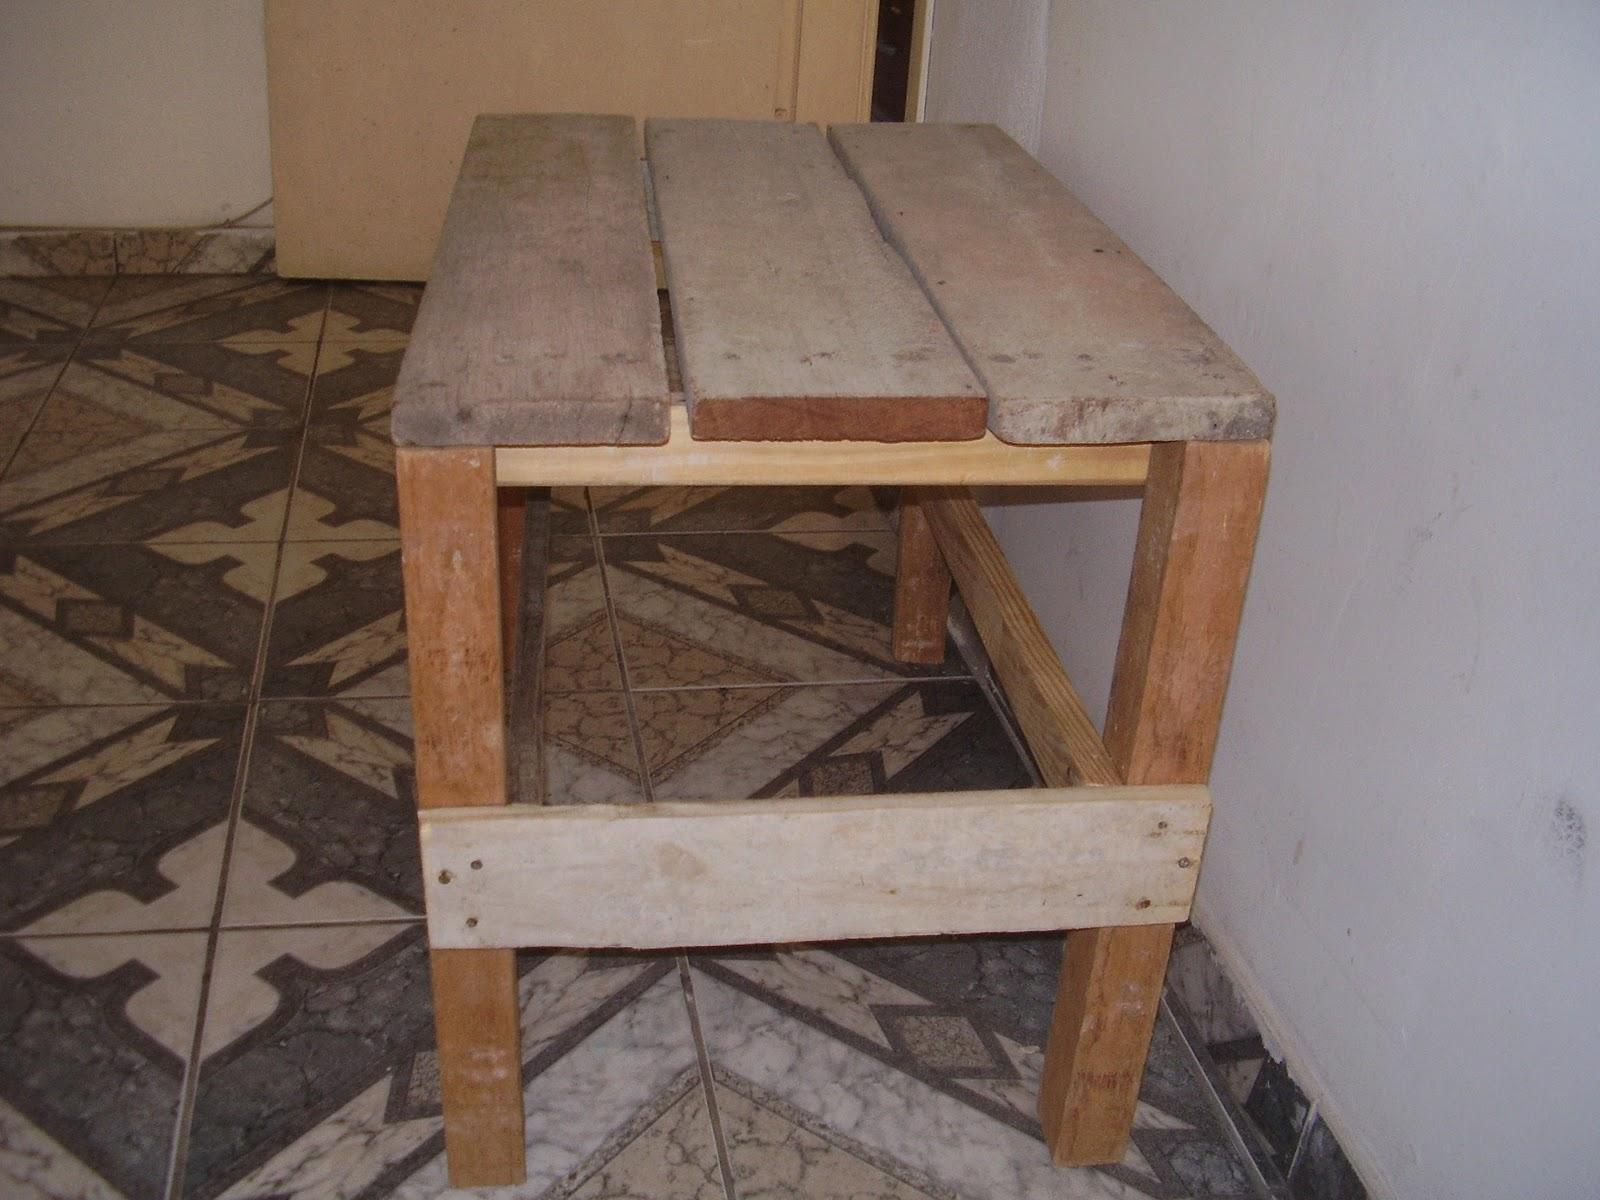 Arte com amor: Mesinha com sobras de madeira de construção #816048 1600x1200